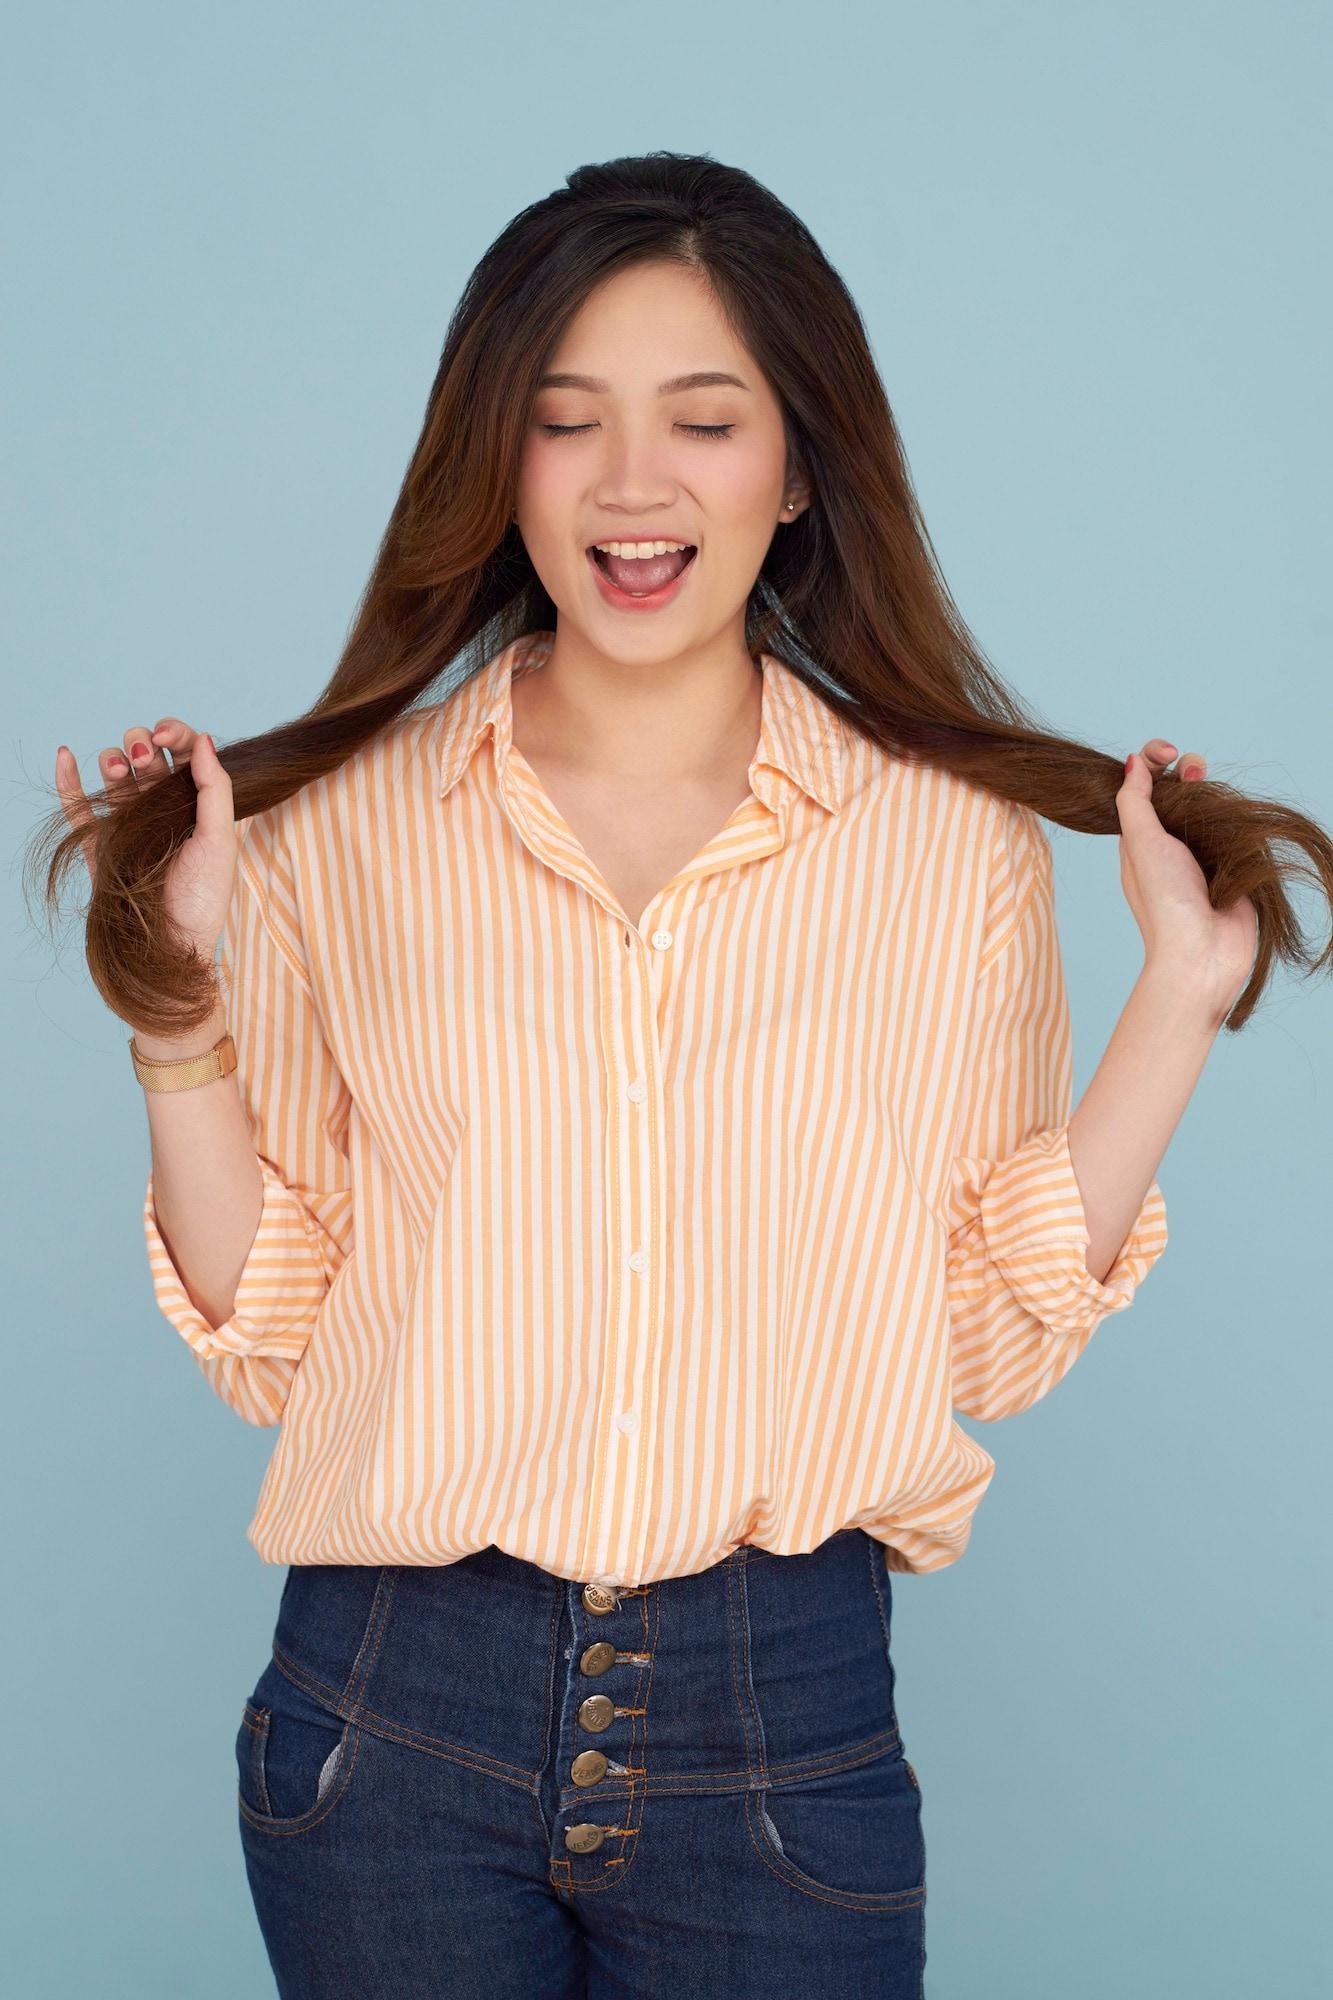 Wanita asia dengan rambut panjang sehat tidak rontok parah